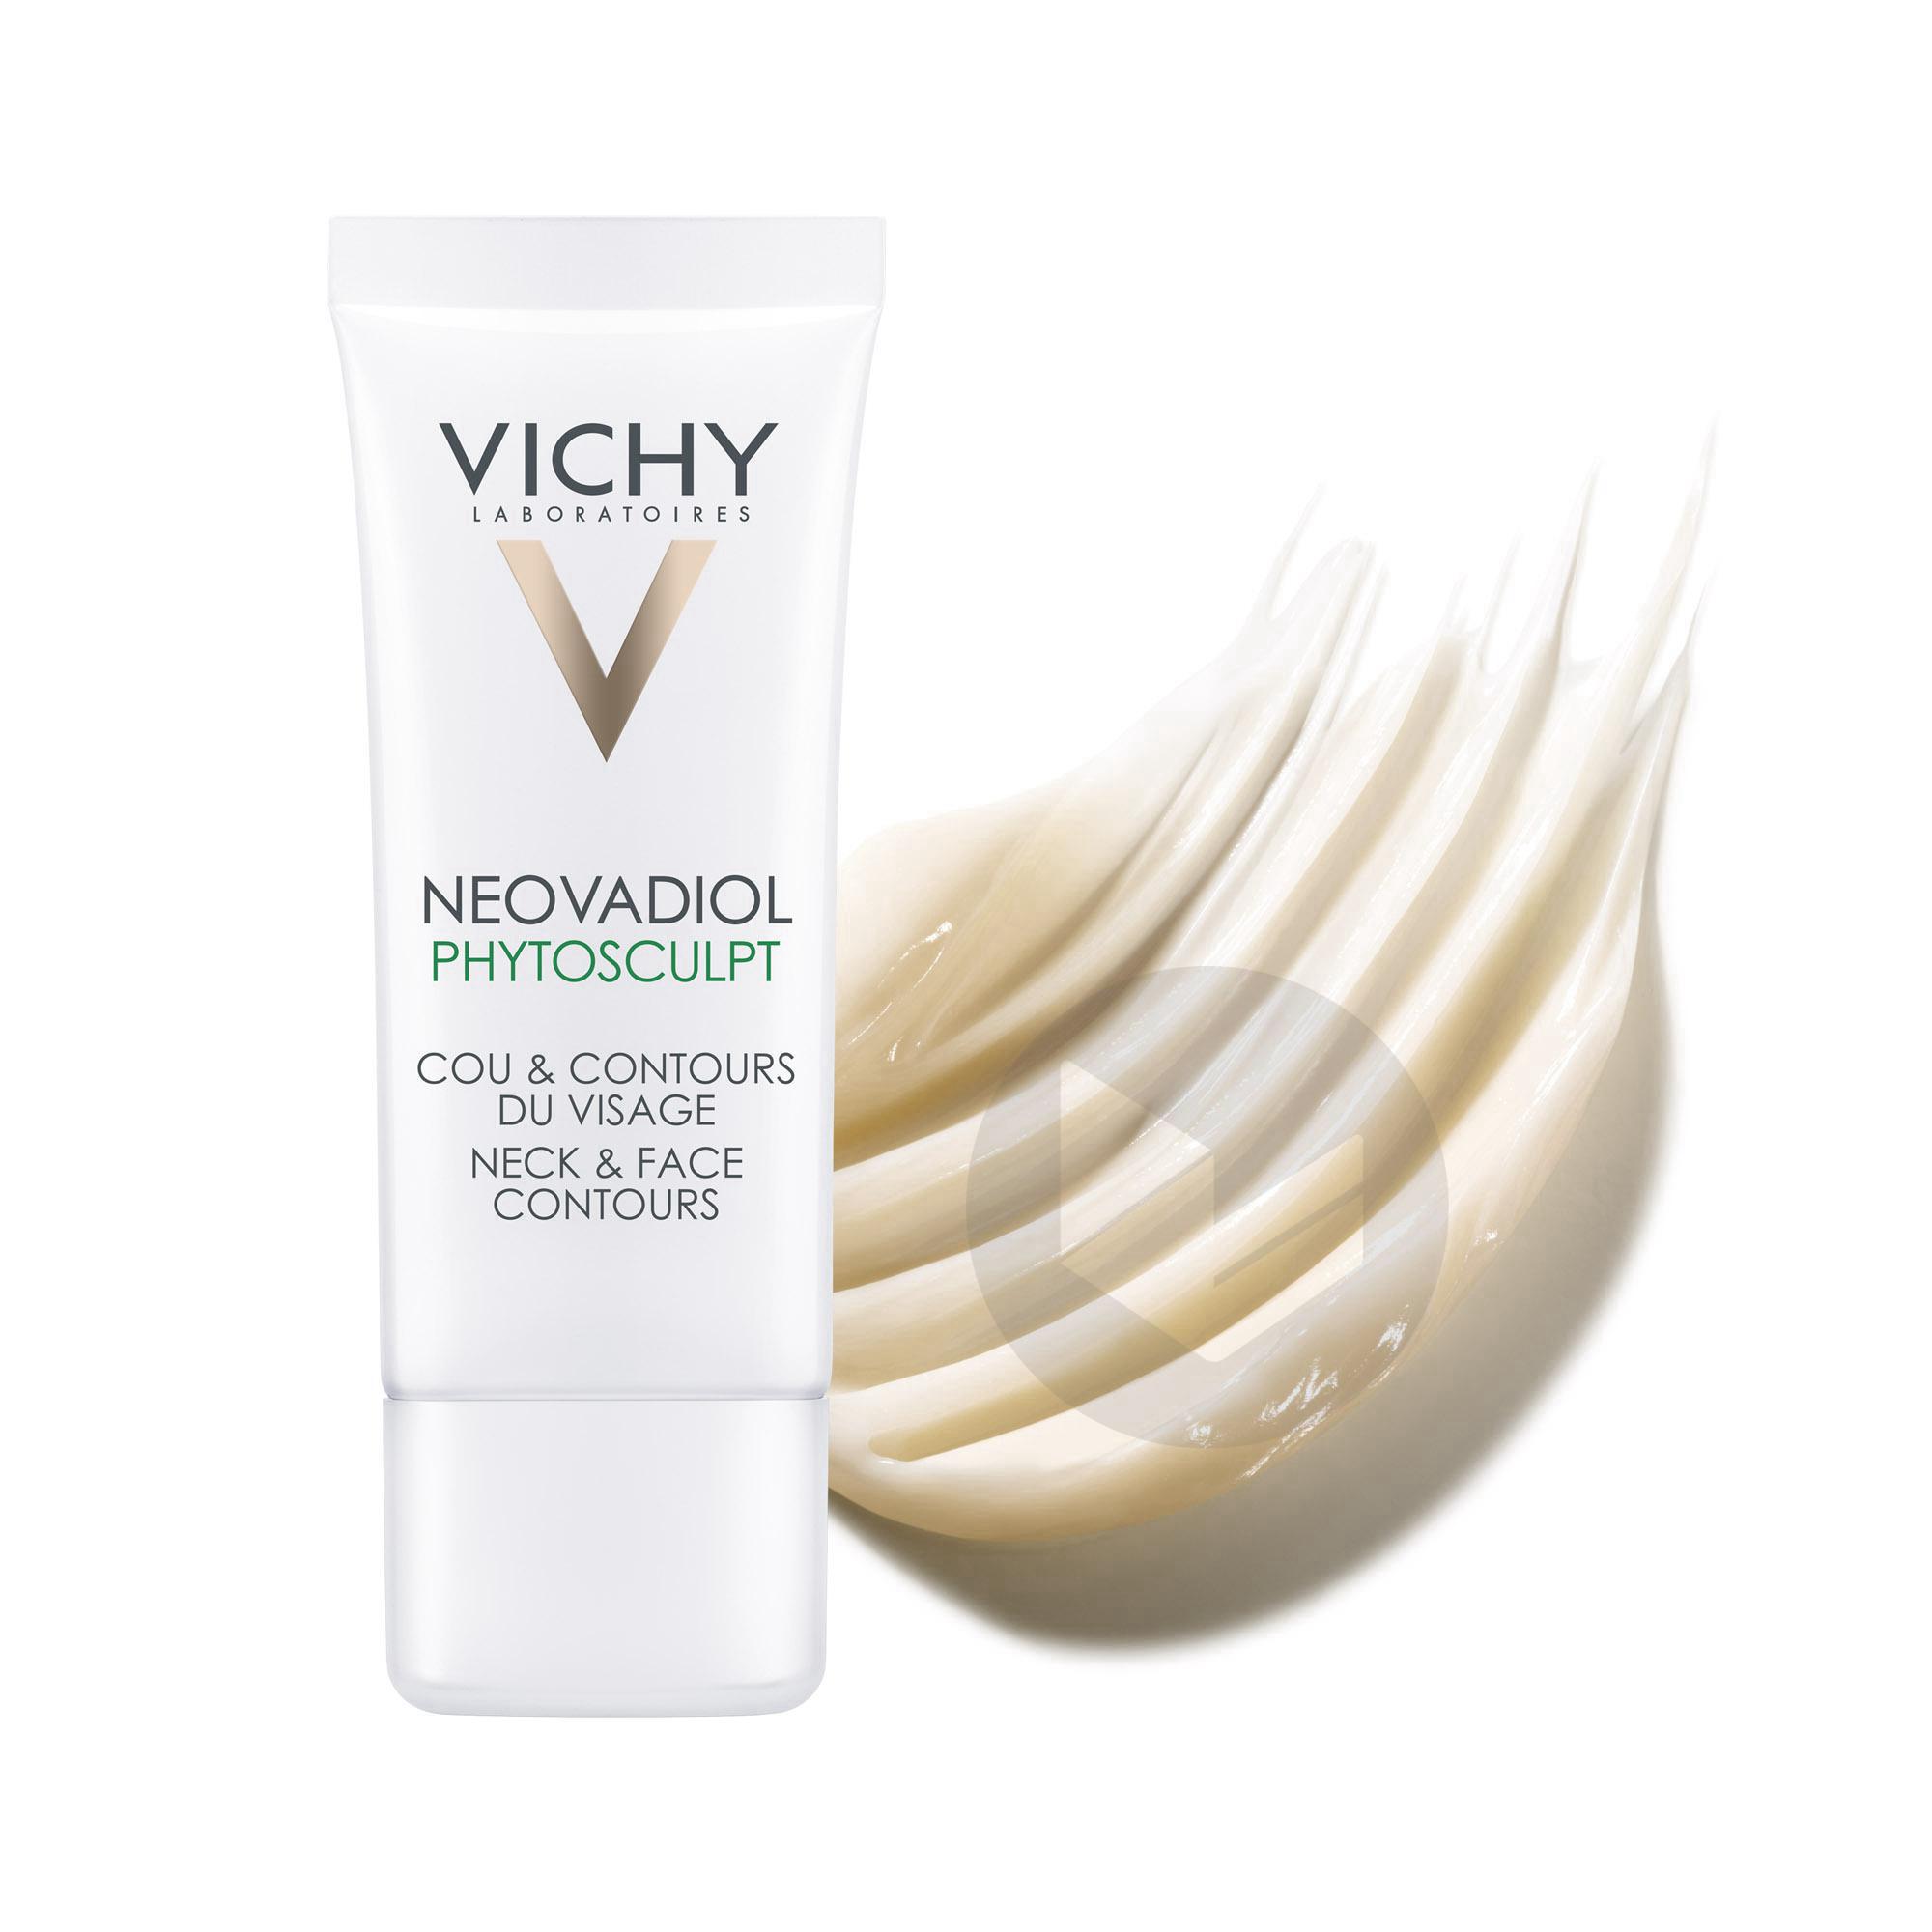 Neovadiol Phytosculpt Crème cou et contours du visage Tube - 50ml